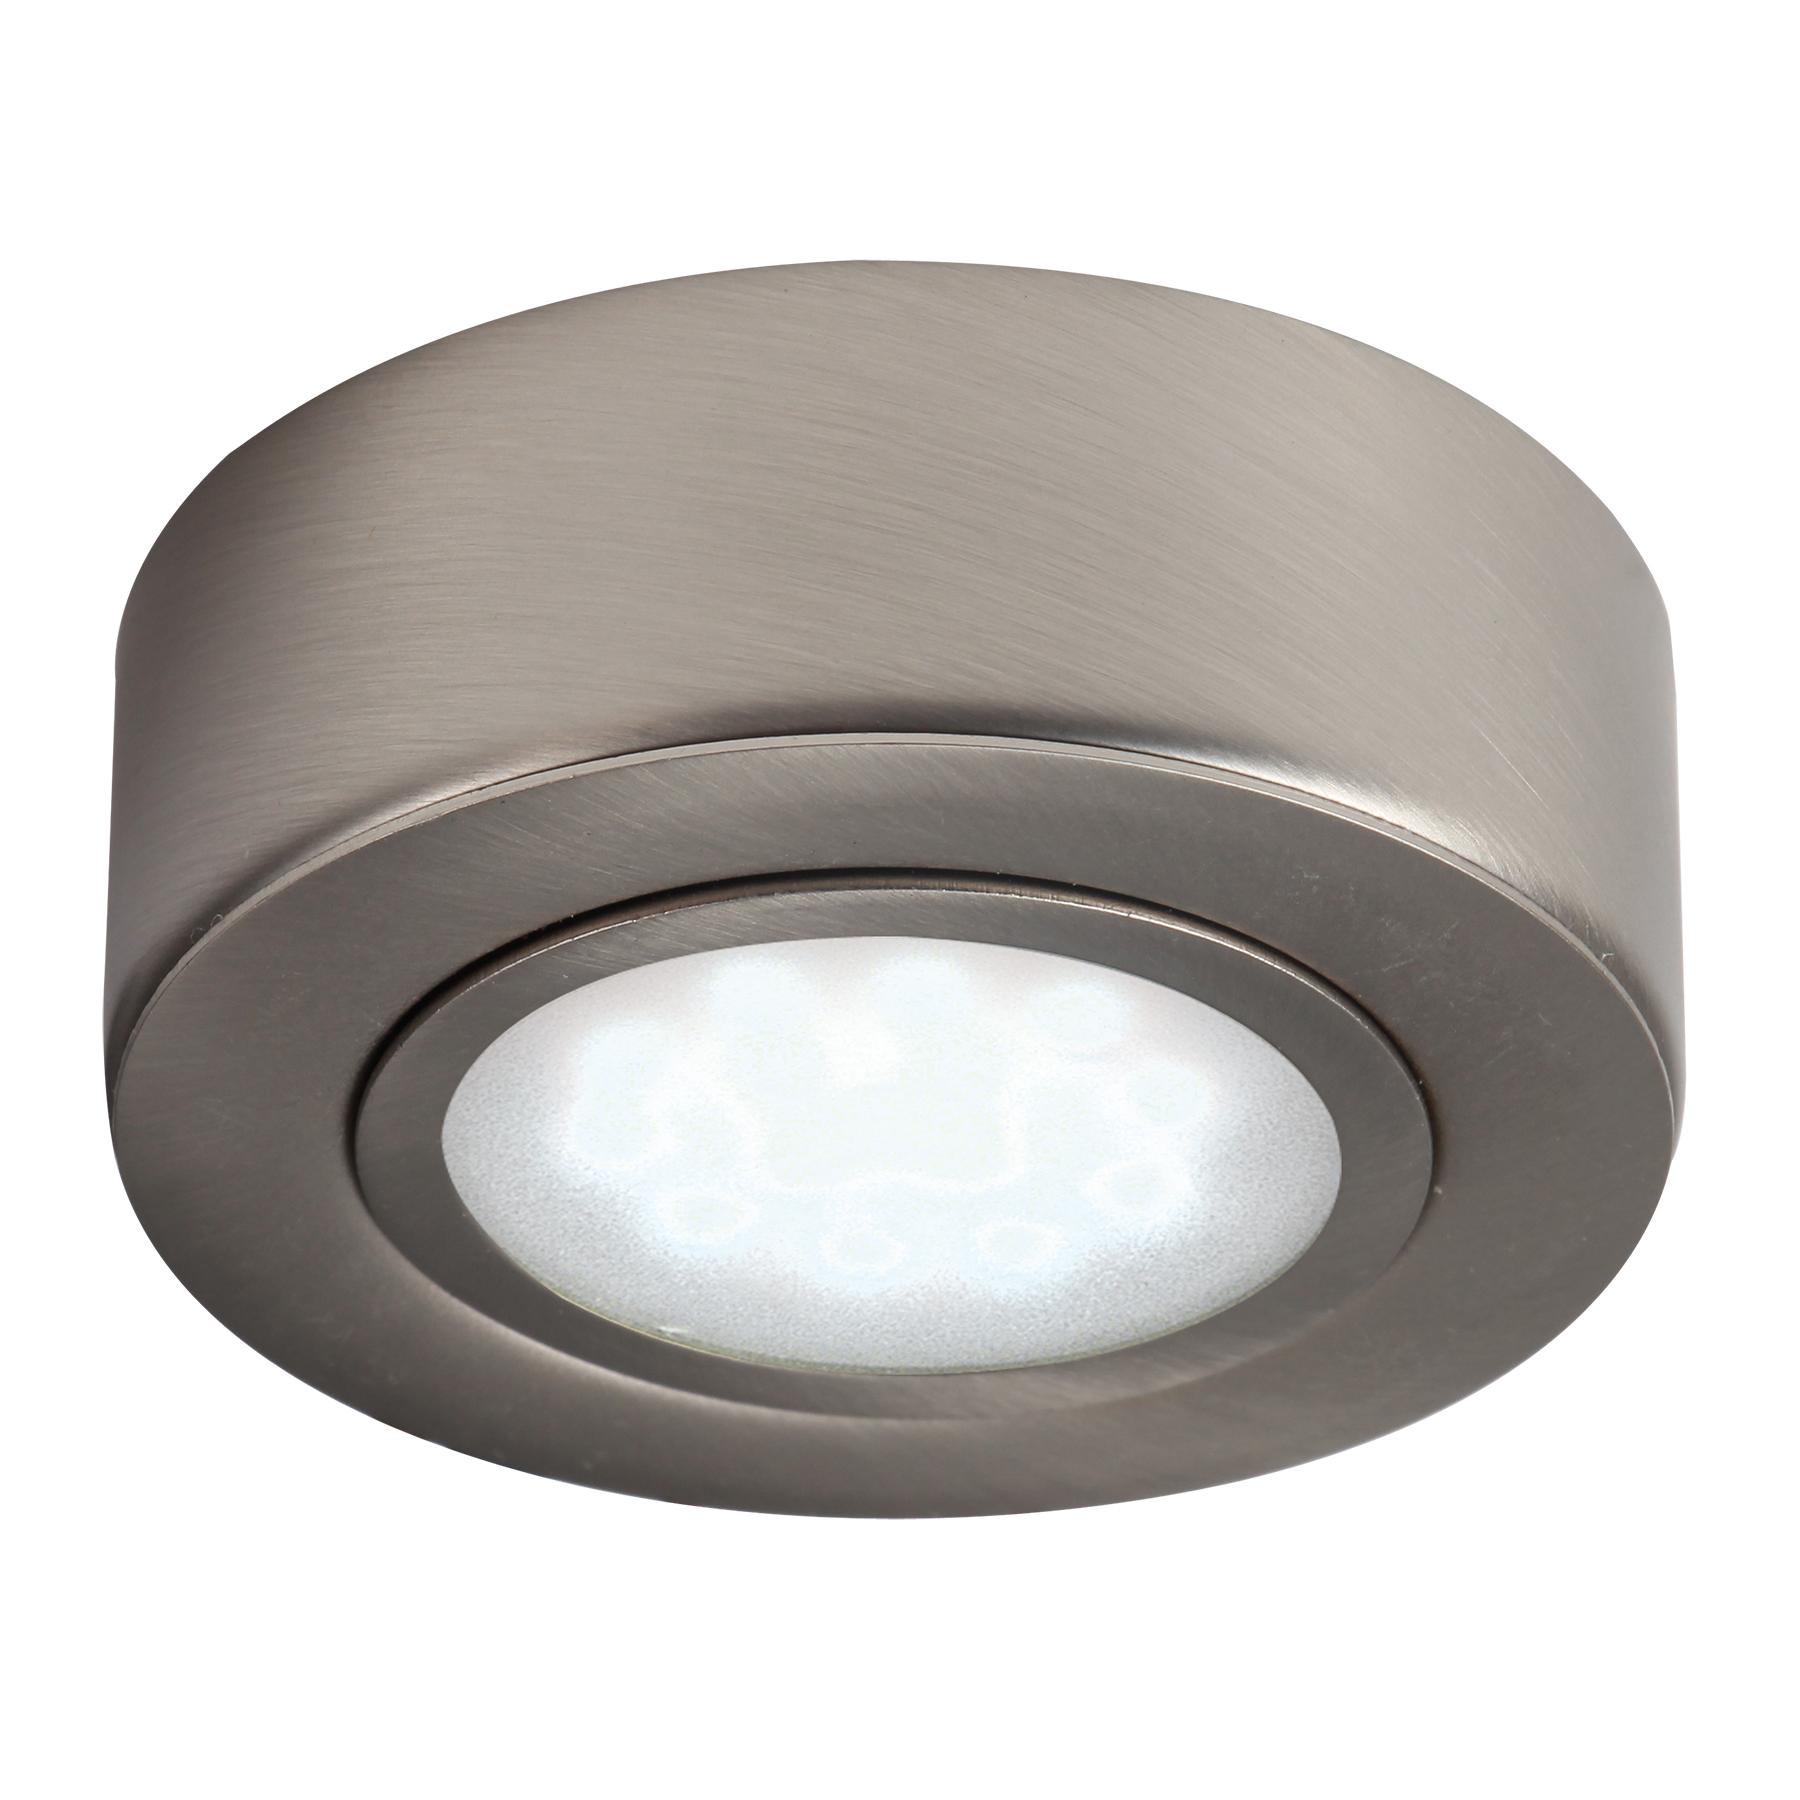 Knightsbridge Ucled13 Led Under Cabinet Striplight Cool White: /Knightsbridge CRF03CBR Cabinet Fit LED White Incl. B